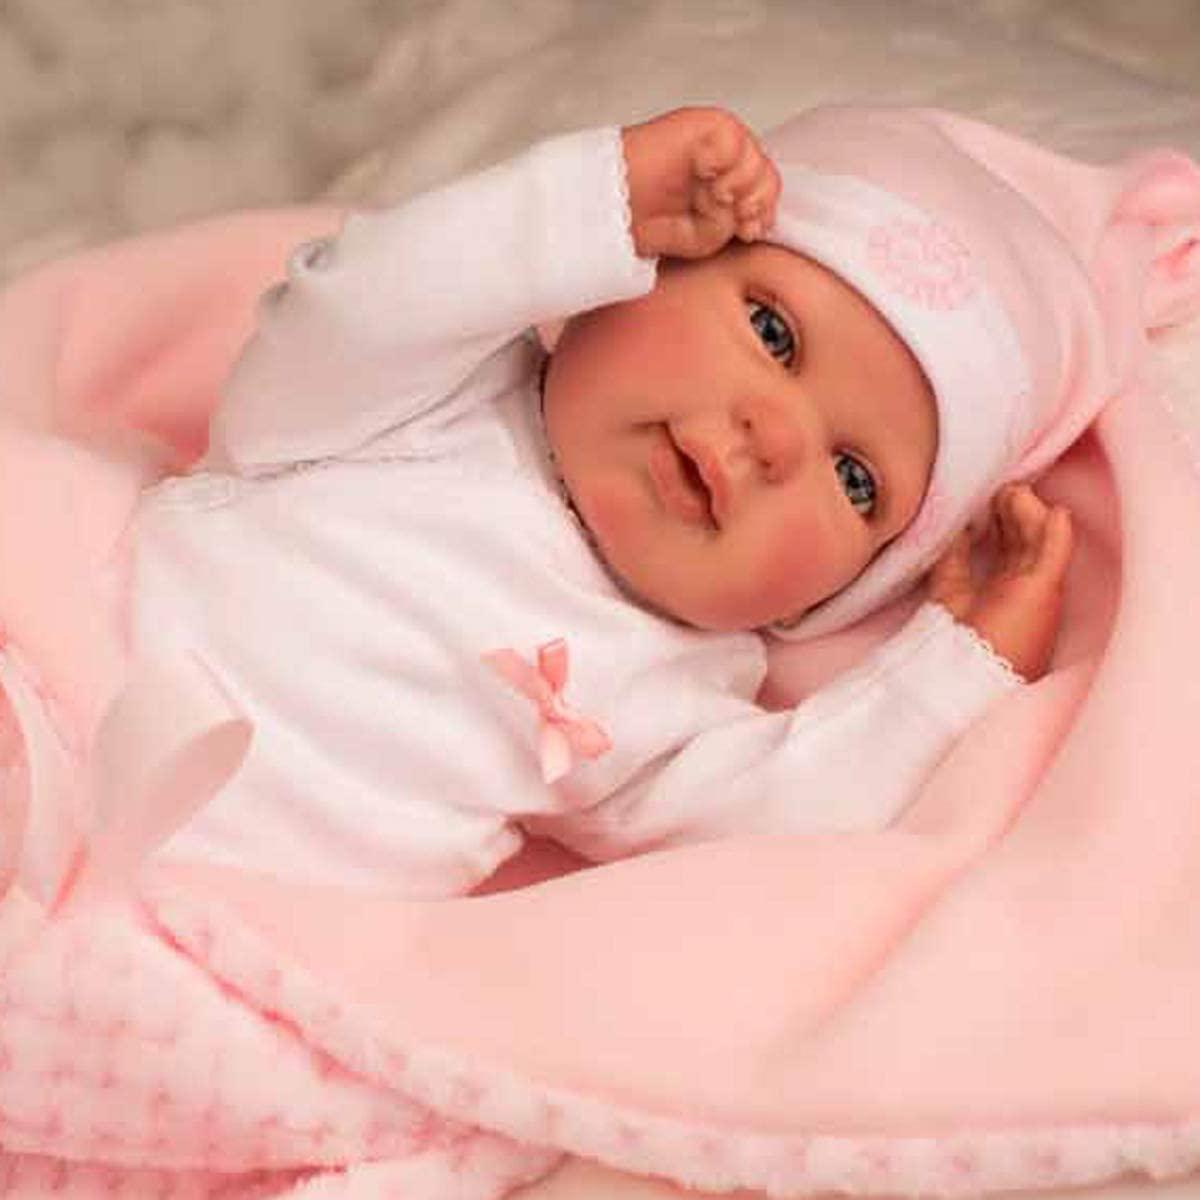 Die reborn baby Rocio trägt einen rosa Hut.